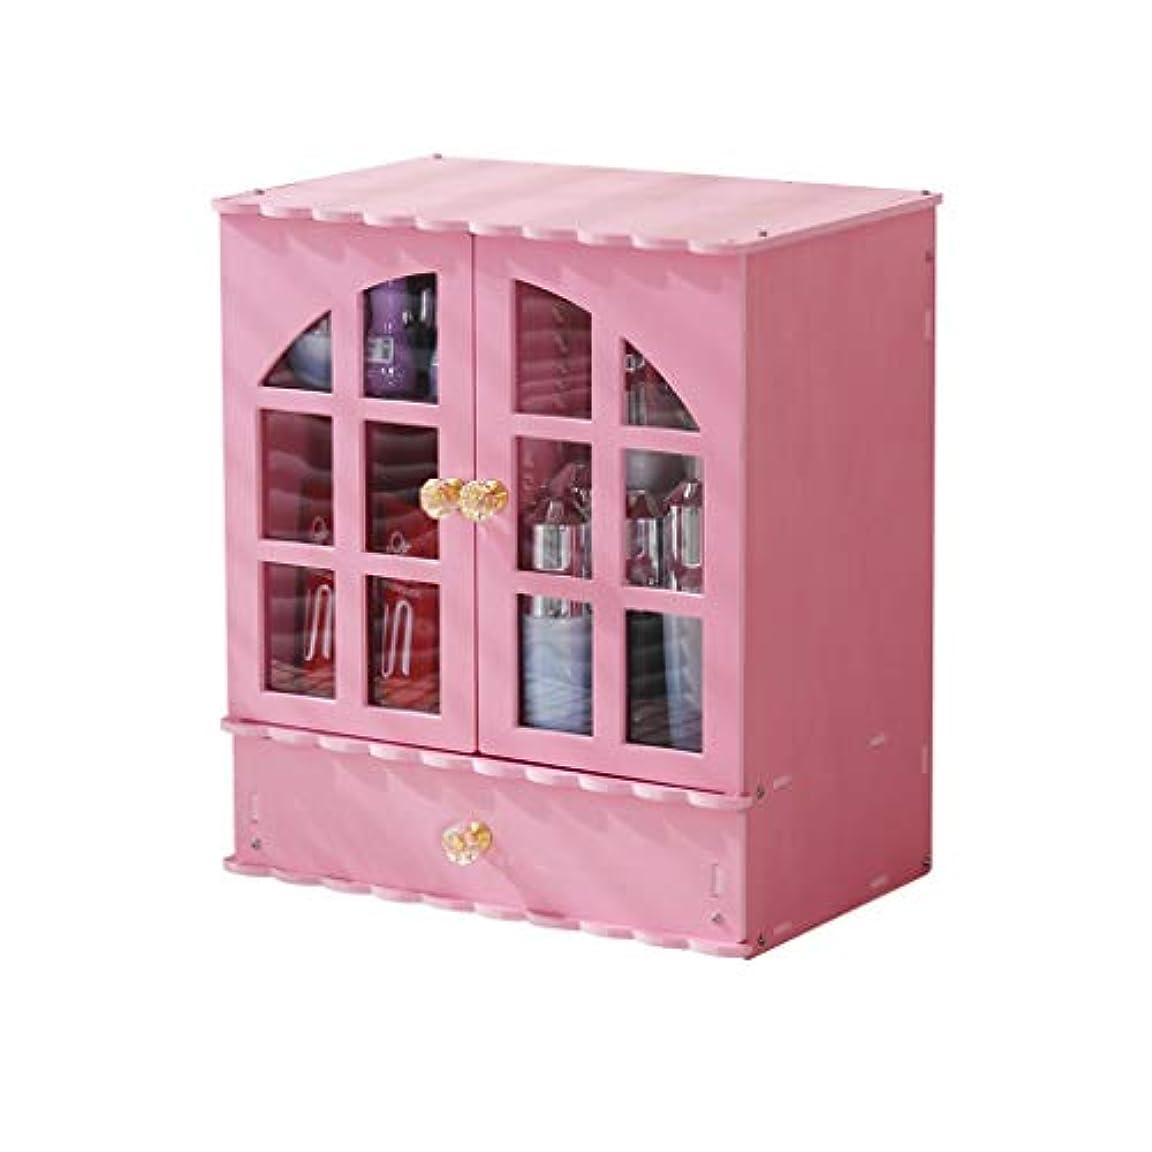 アクチュエータ電子スロベニアデスクトップ化粧品スキンケア収納ボックスプラスチック収納キャビネットラックかわいい家庭用ドレッシングテーブル化粧箱 (Color : Pink)